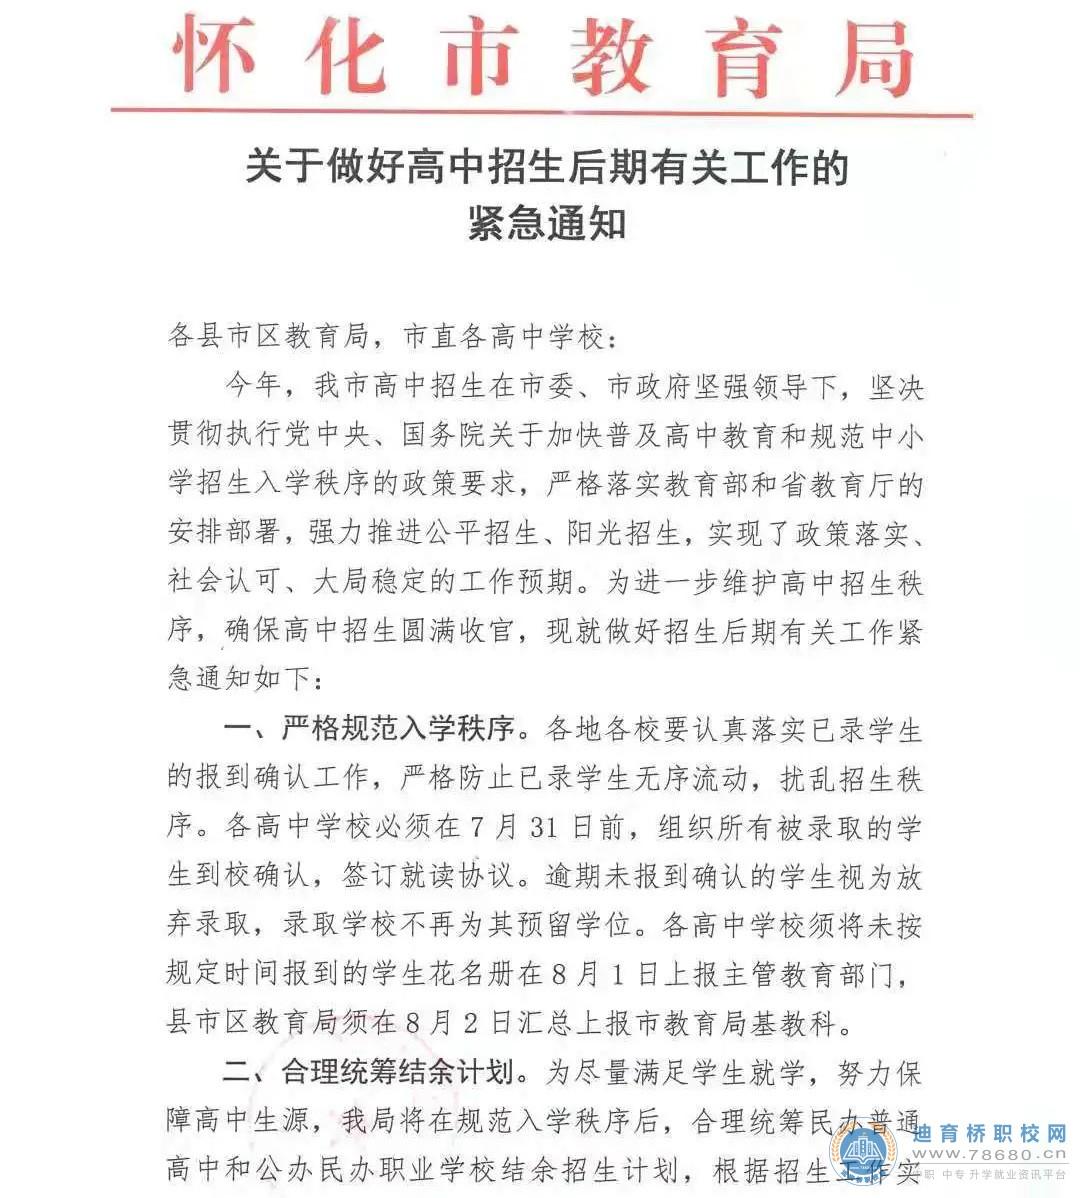 怀化市教育局发布《关于做好高中招生后期有关工作的紧急通知》!